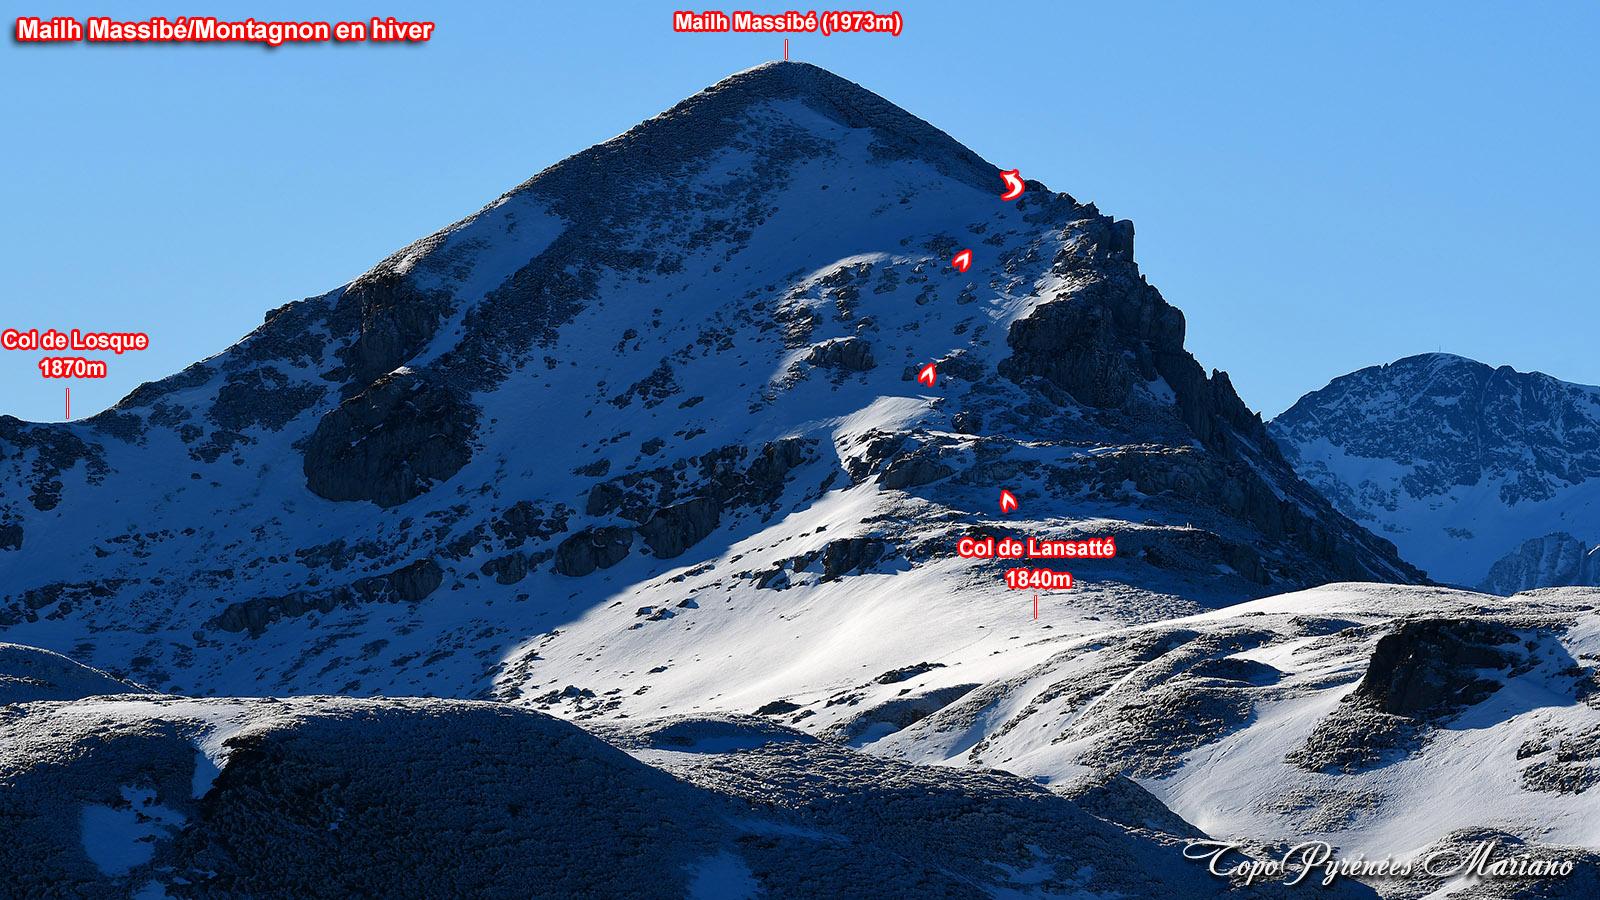 Sortie hivernale aux Rocher d'Aran (1796m), Mailh Massibé et Pic Montagnon (1973m)